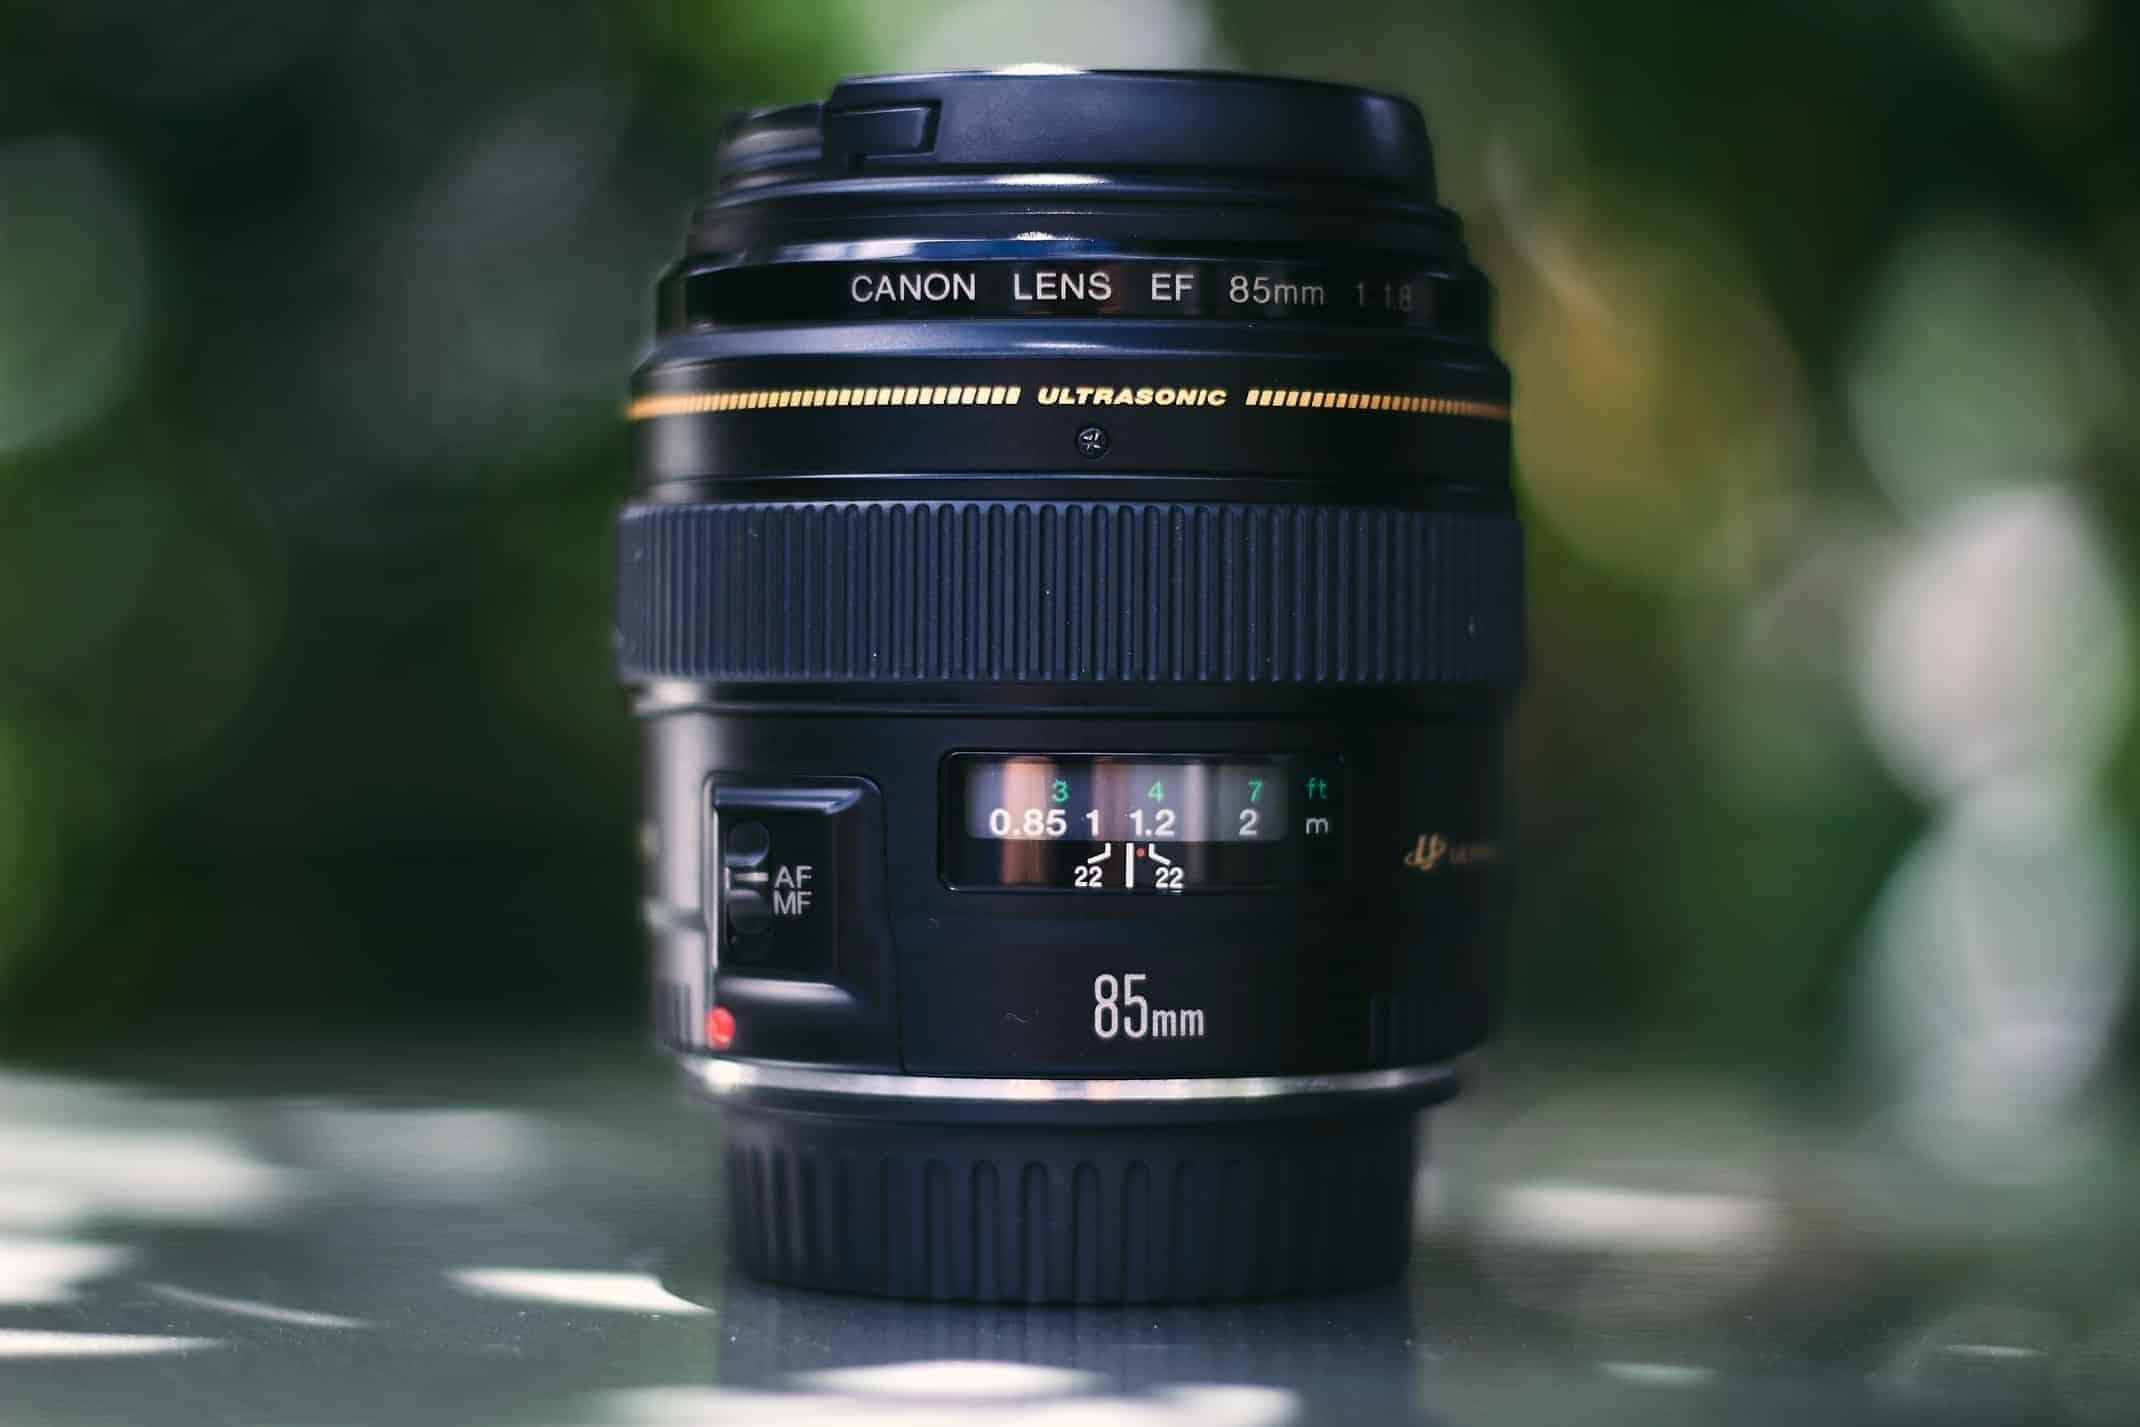 Best Canon DSLR Lenses for Beginners (Compare 13 Top Lenses)